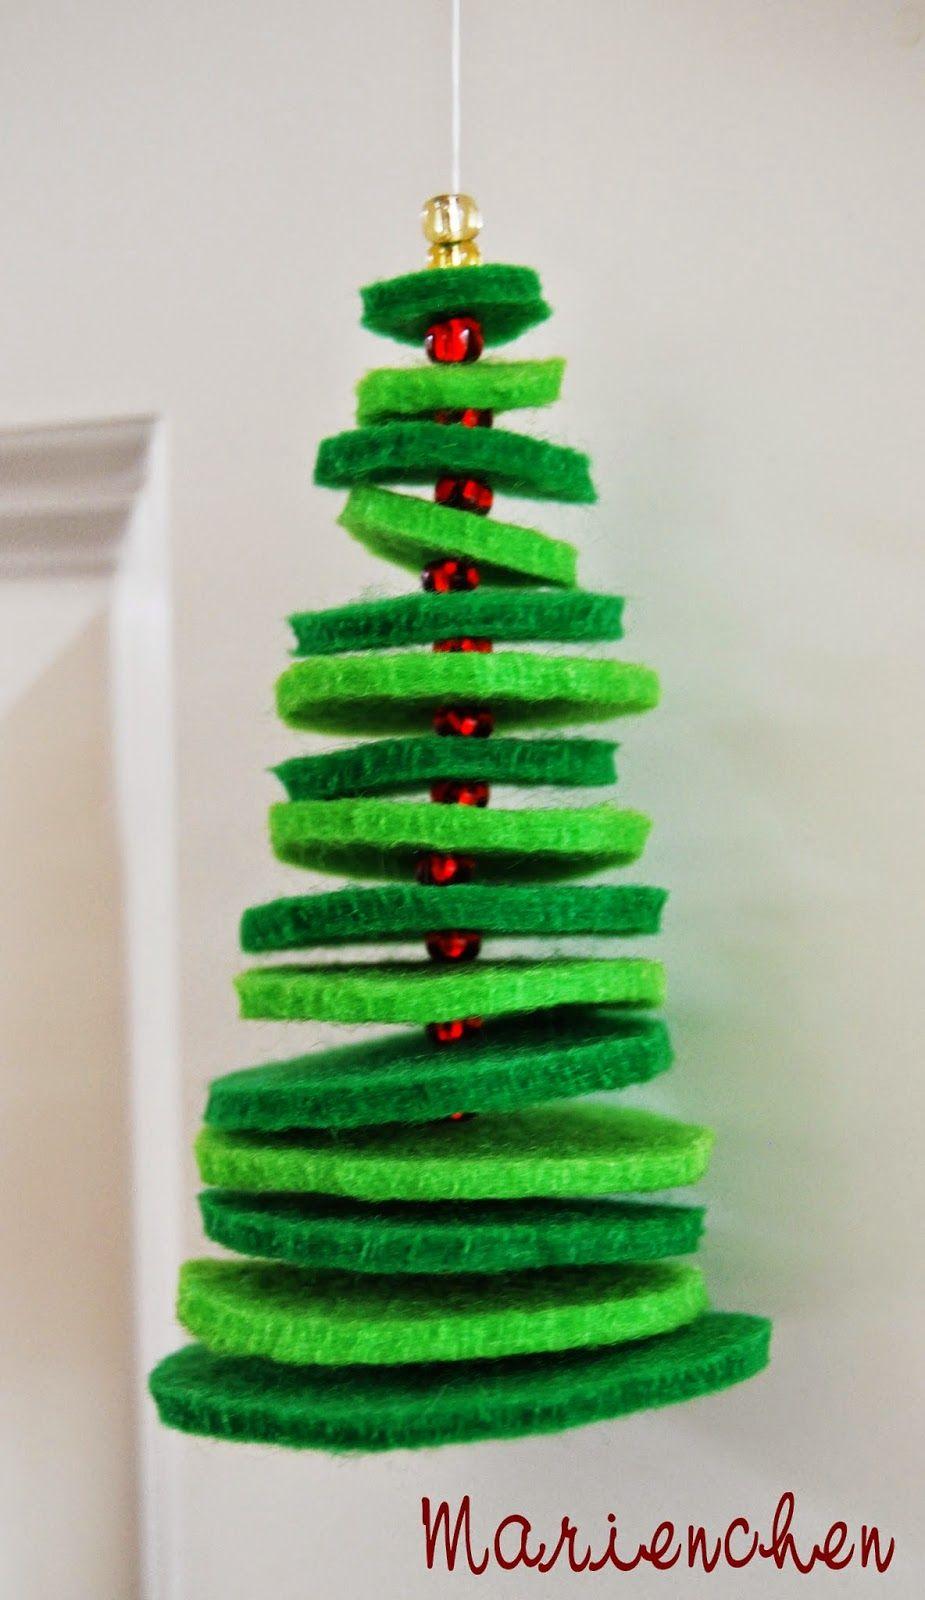 tannenbaum auff deln filz perlen weihnachten pinterest tannenbaum filz und perlen. Black Bedroom Furniture Sets. Home Design Ideas